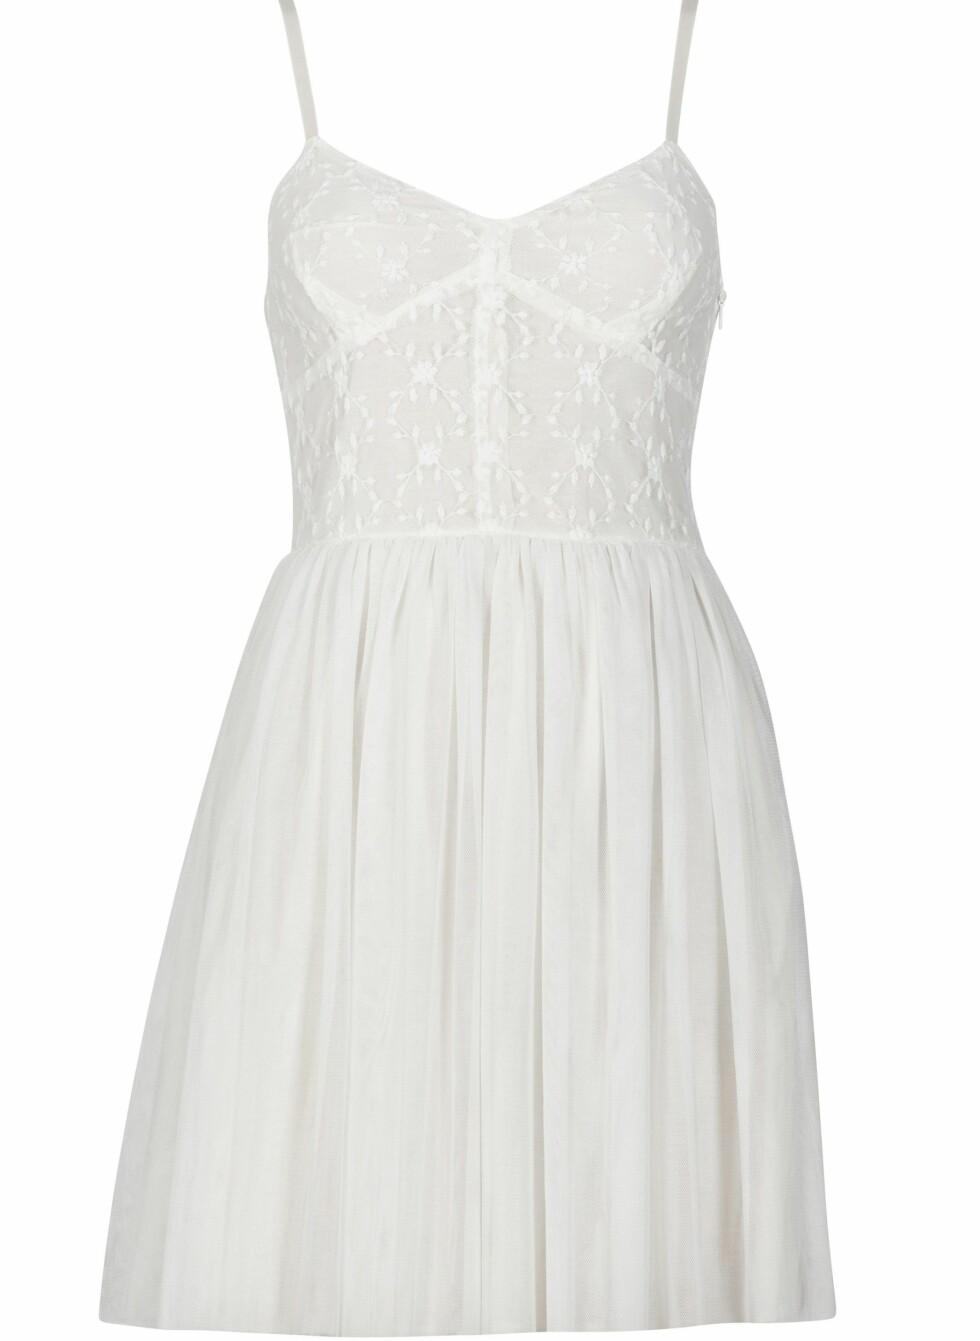 Søt kjole med bustier og tynne stropper (kr 300, Cubus).